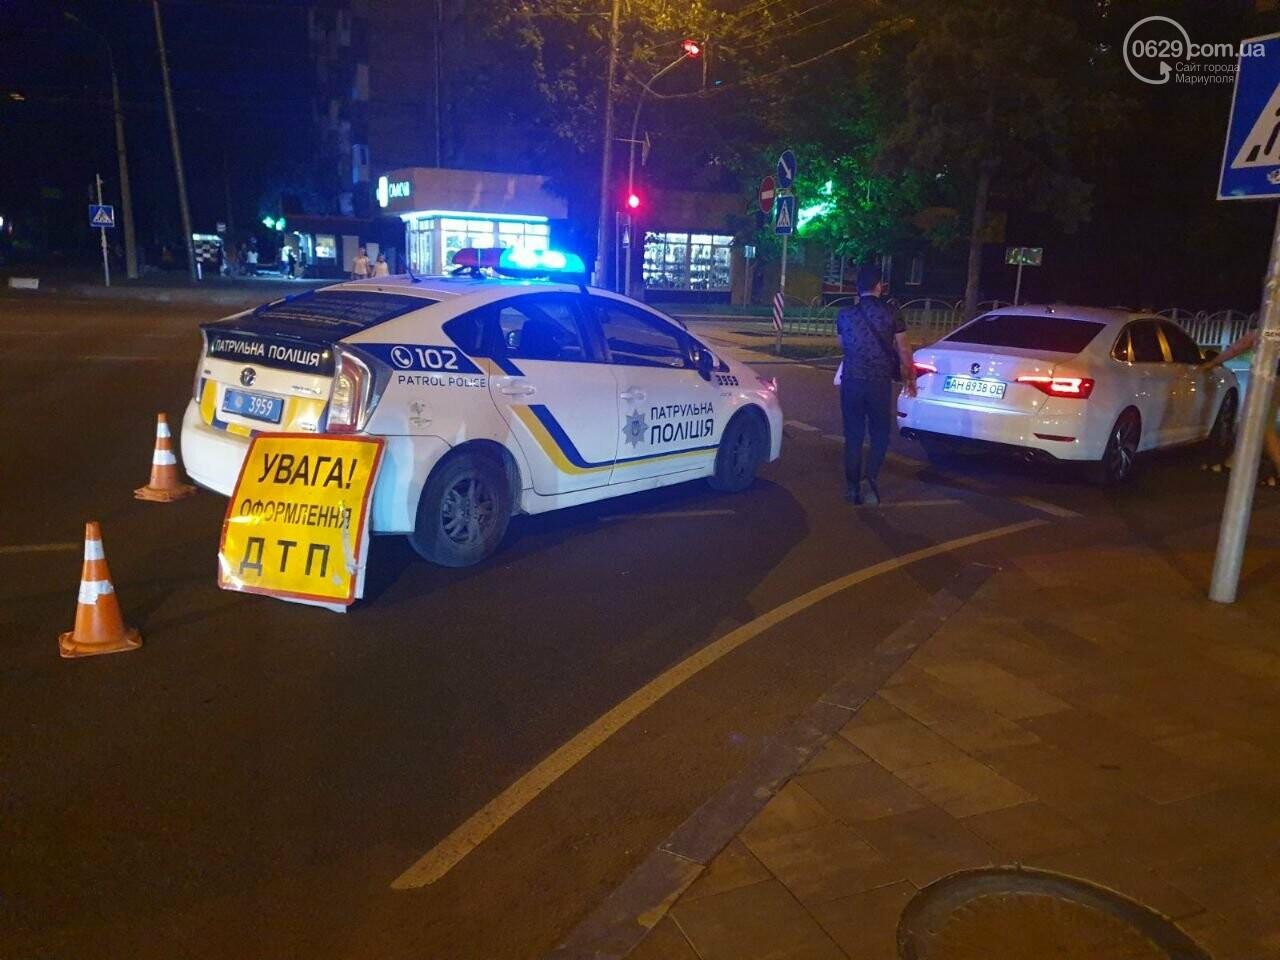 Кто виноват? В Мариуполе автомобиль на пешеходном переходе столкнулся с велосипедистом, - ФОТО, фото-4